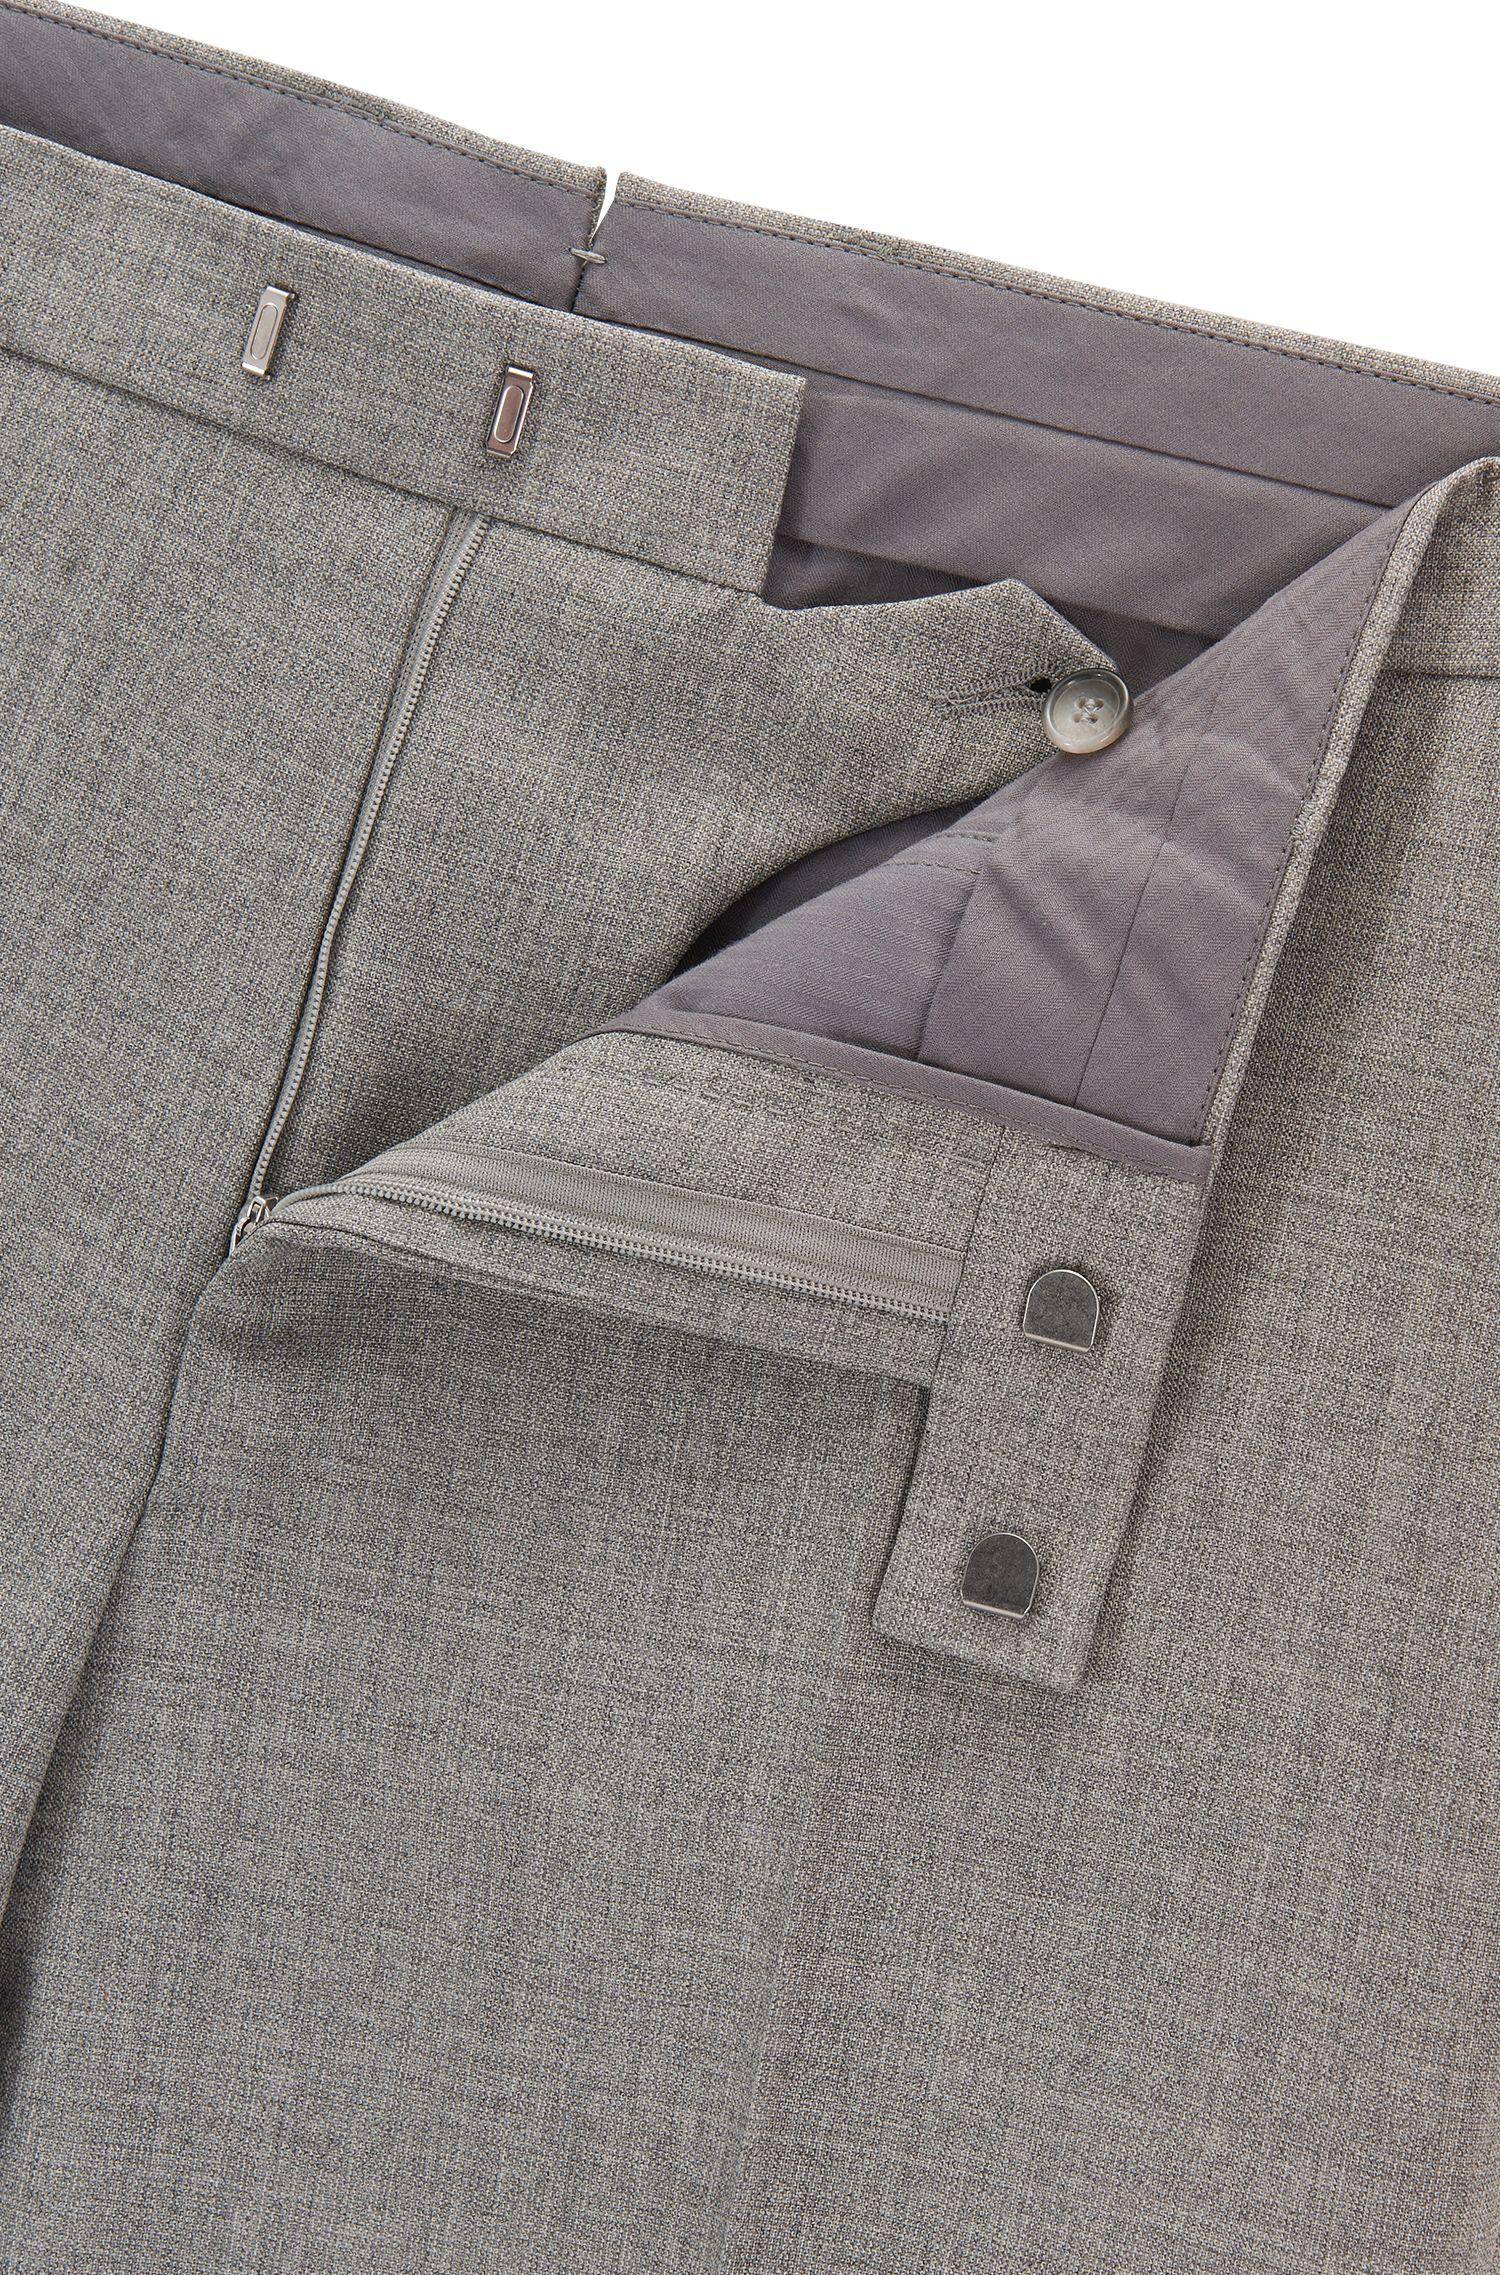 Virgin Wool Dress Pant, Regular Fit | T-Lones, Grey